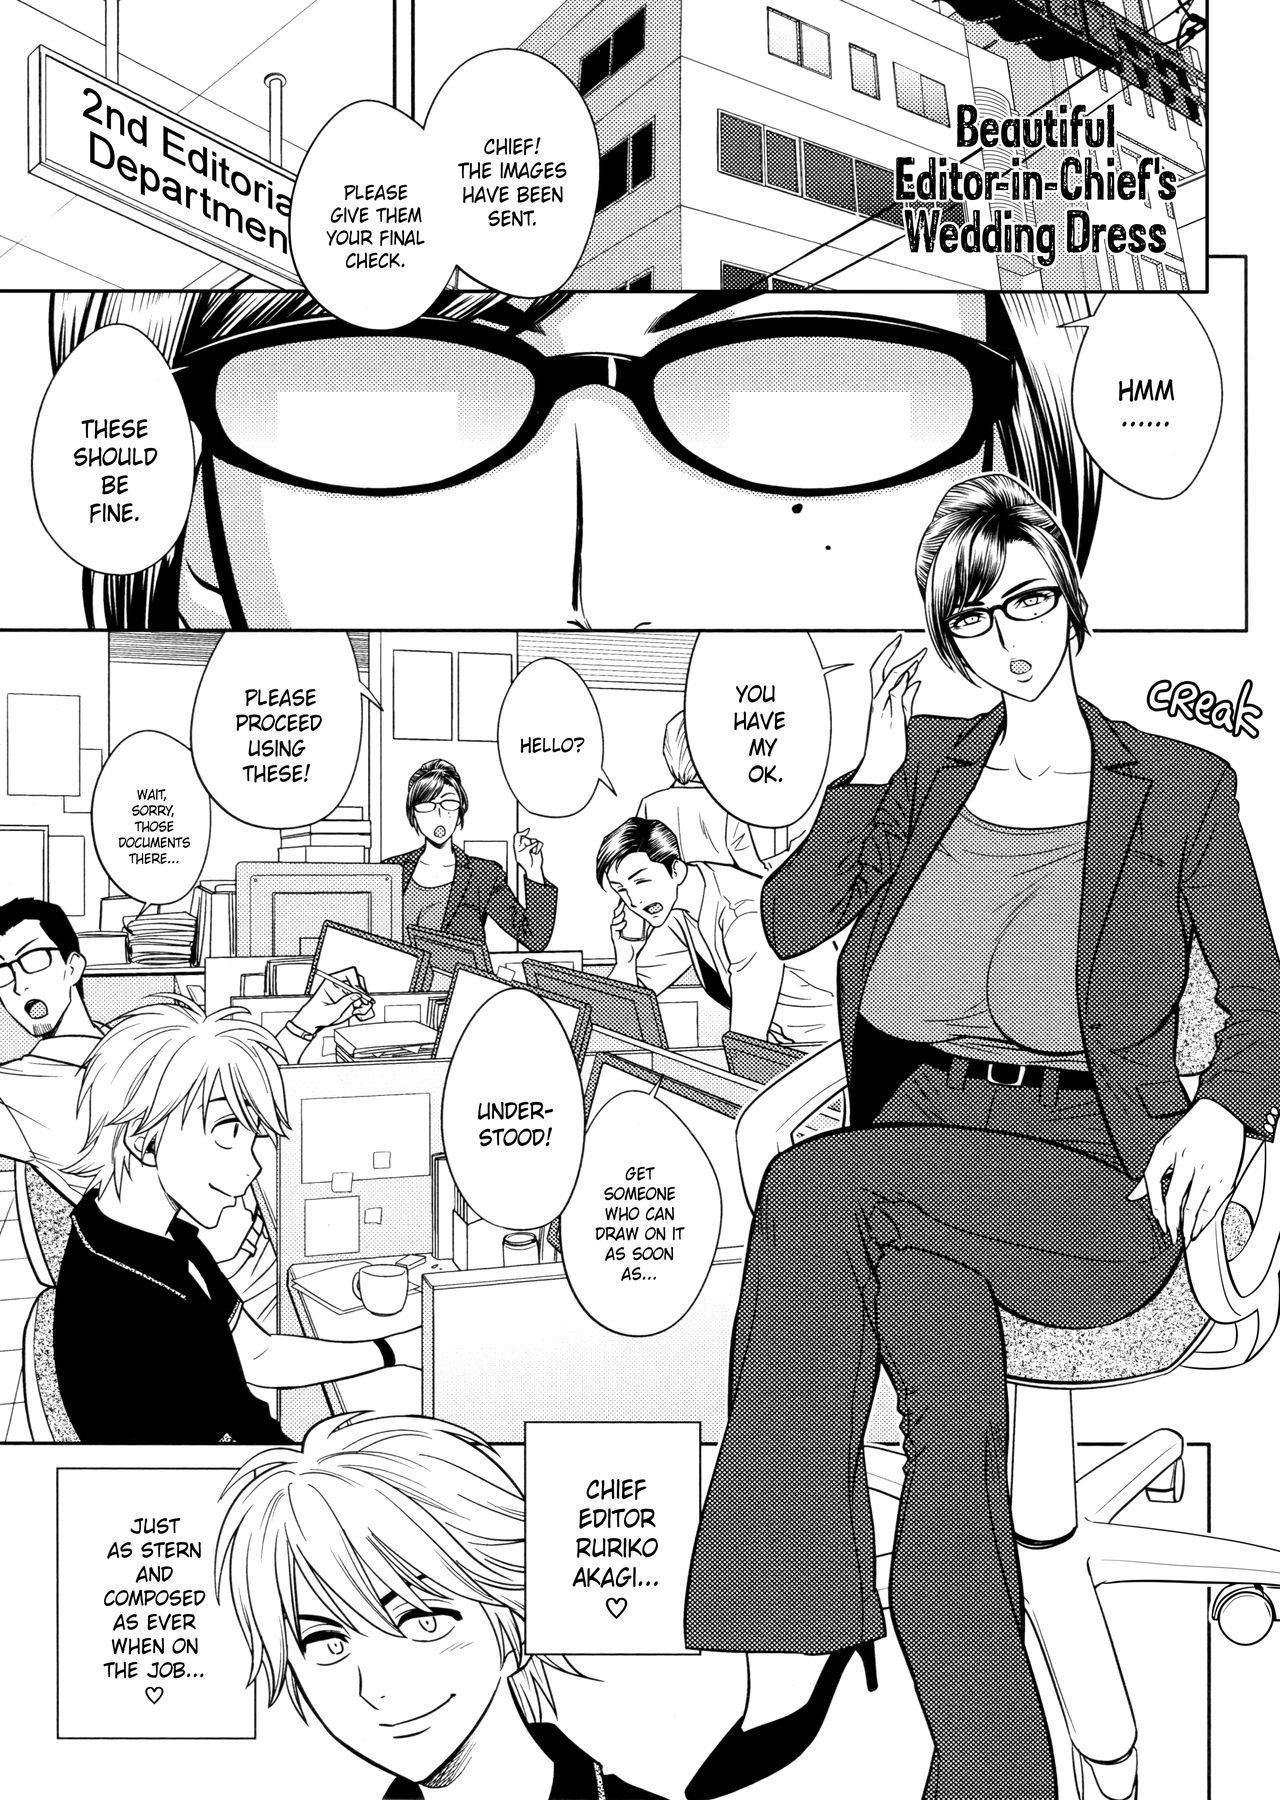 [Tatsunami Youtoku, Yamazaki Masato] Bijin Henshuu-chou no Himitsu | Beautiful Editor-in-Chief's Secret Ch. 1-5 [English] [Forbiddenfetish77, Red Vodka, Crystalium] [Decensored] 82